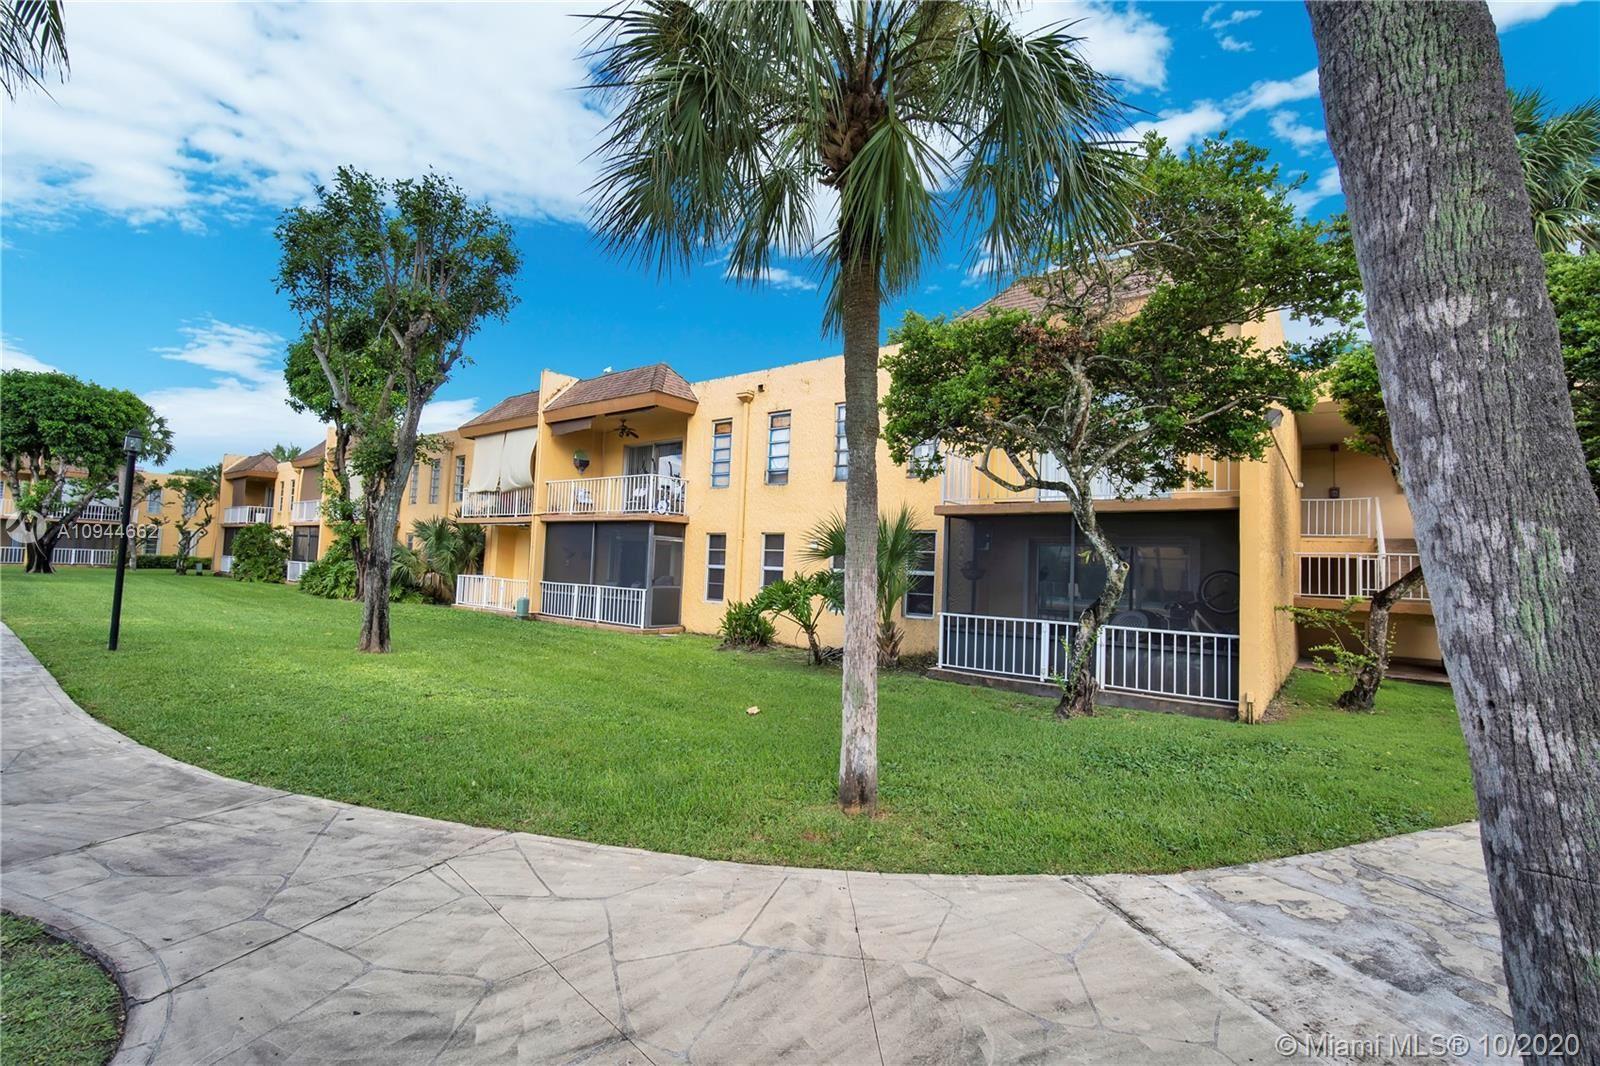 13700 SW 62nd St #118, Miami, FL 33183 - #: A10944662